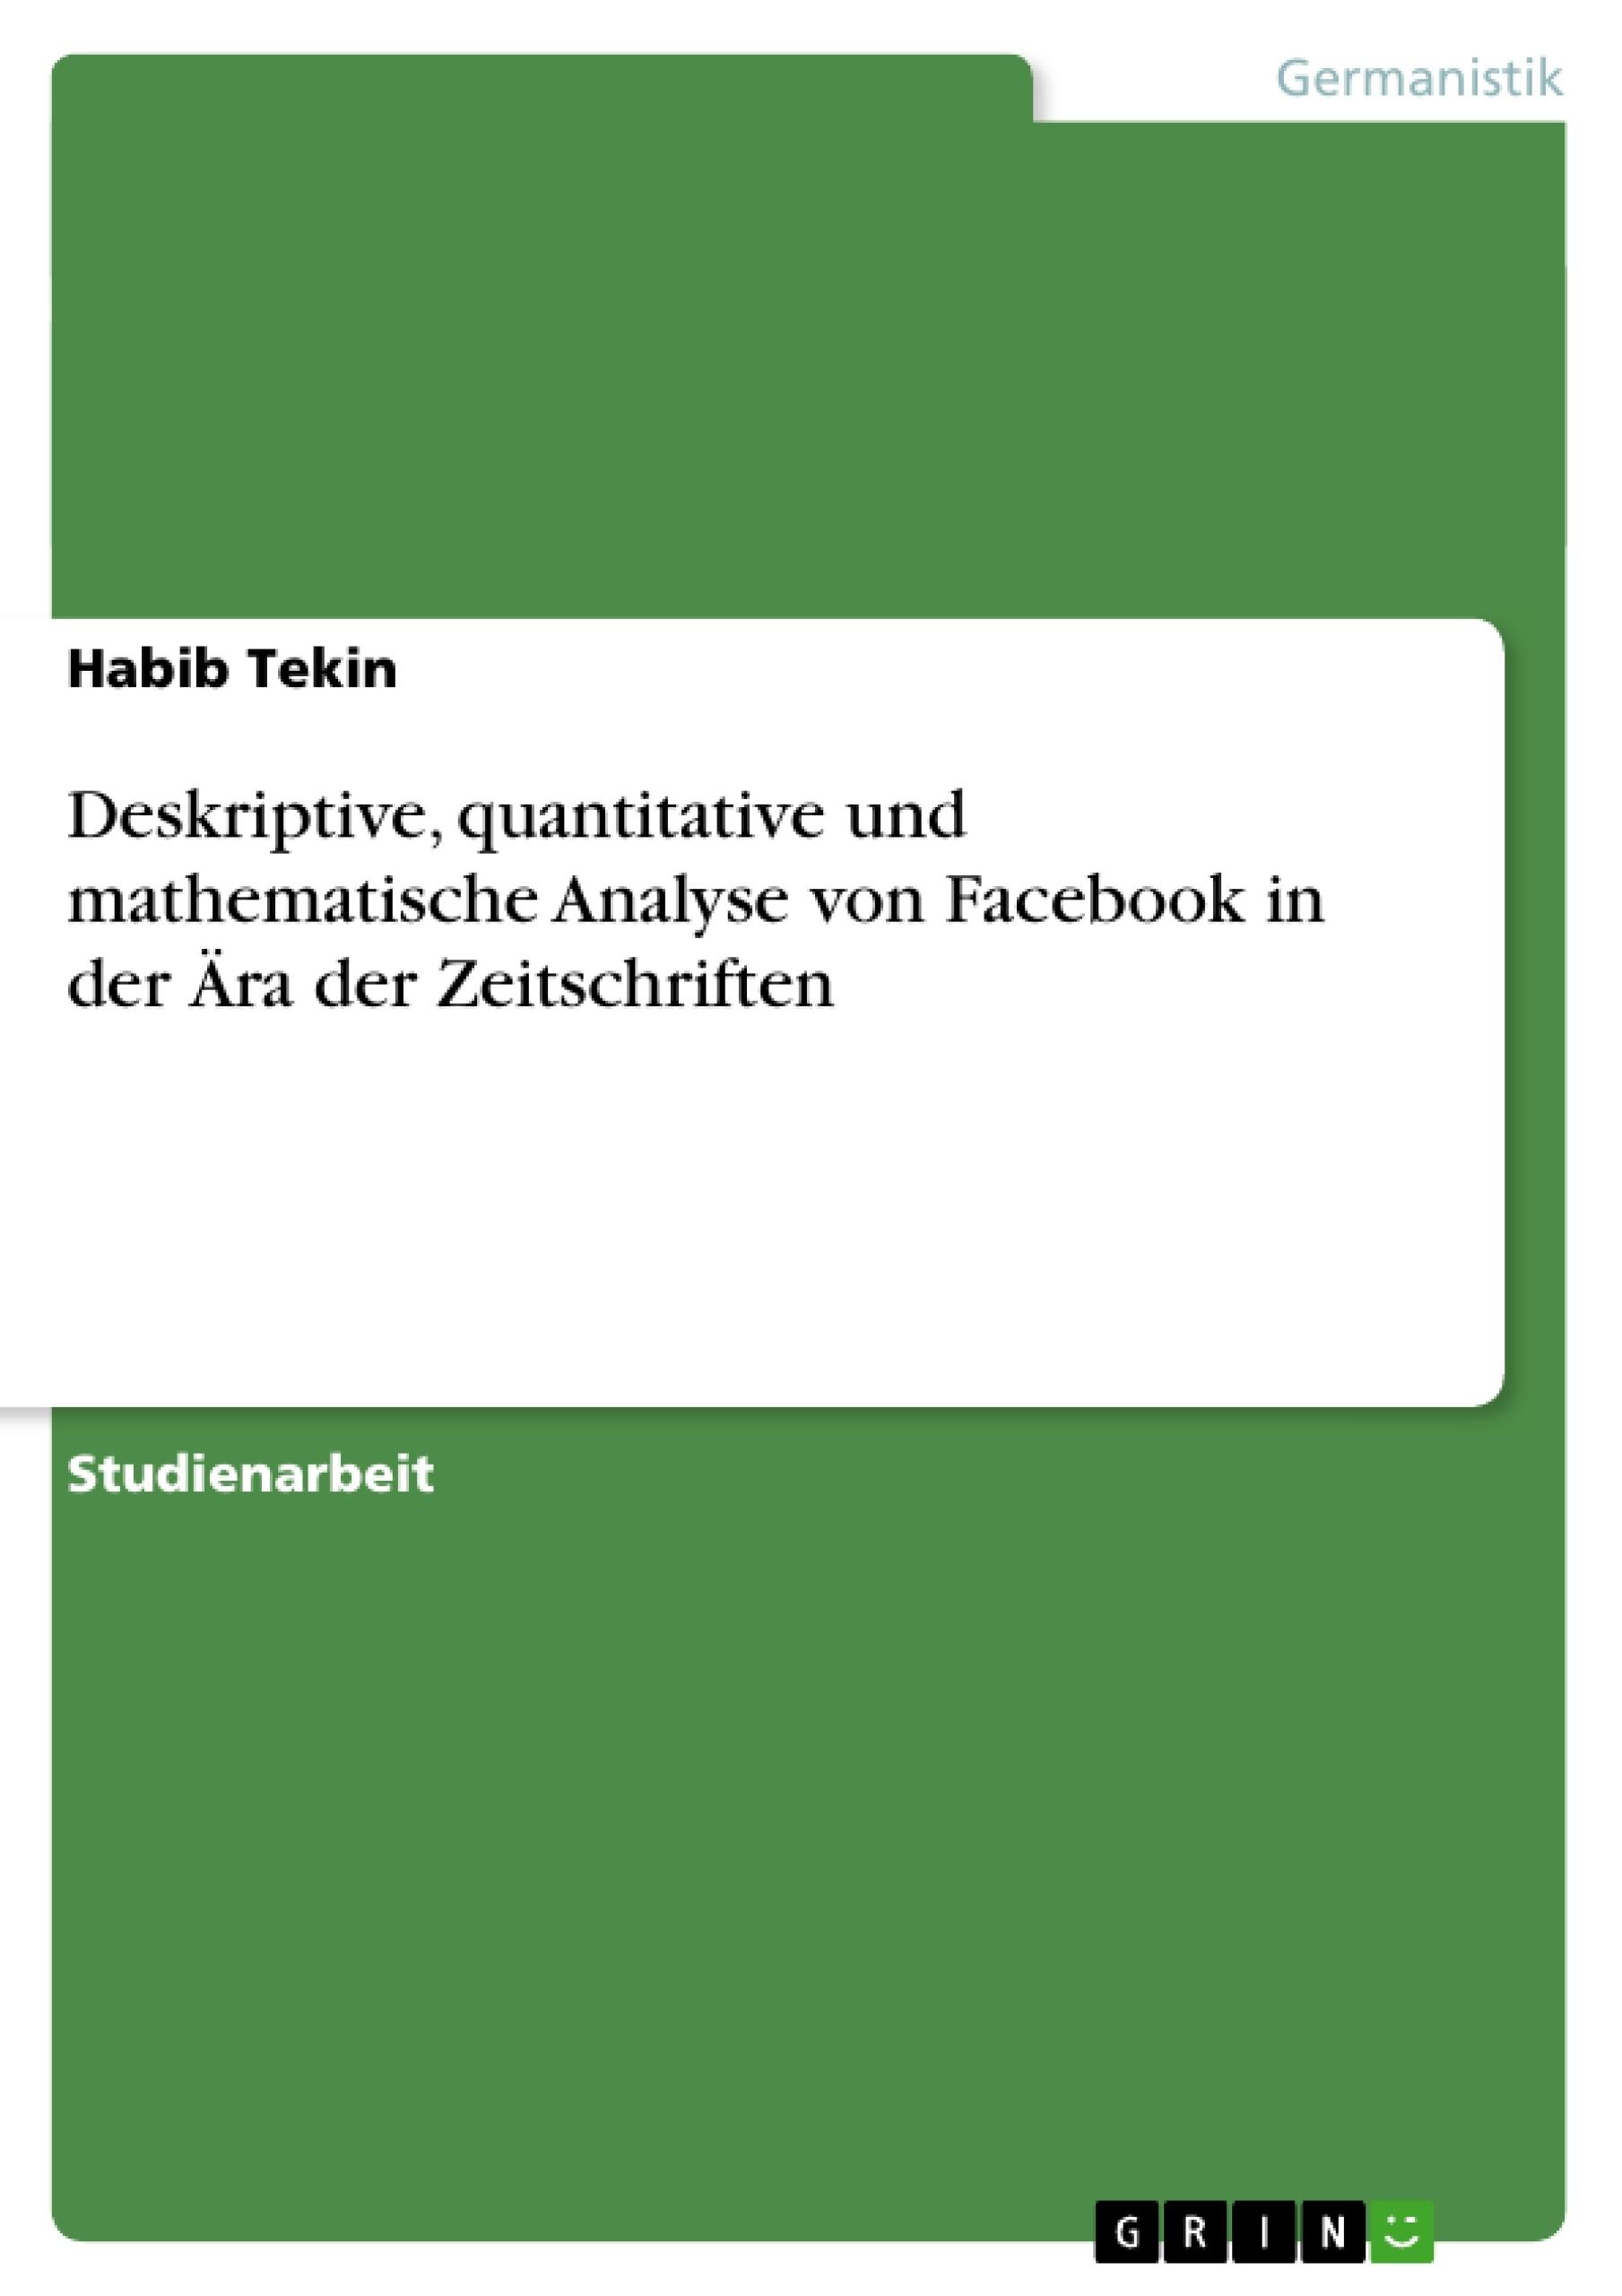 Titel: Deskriptive, quantitative und mathematische Analyse von Facebook in der Ära der Zeitschriften